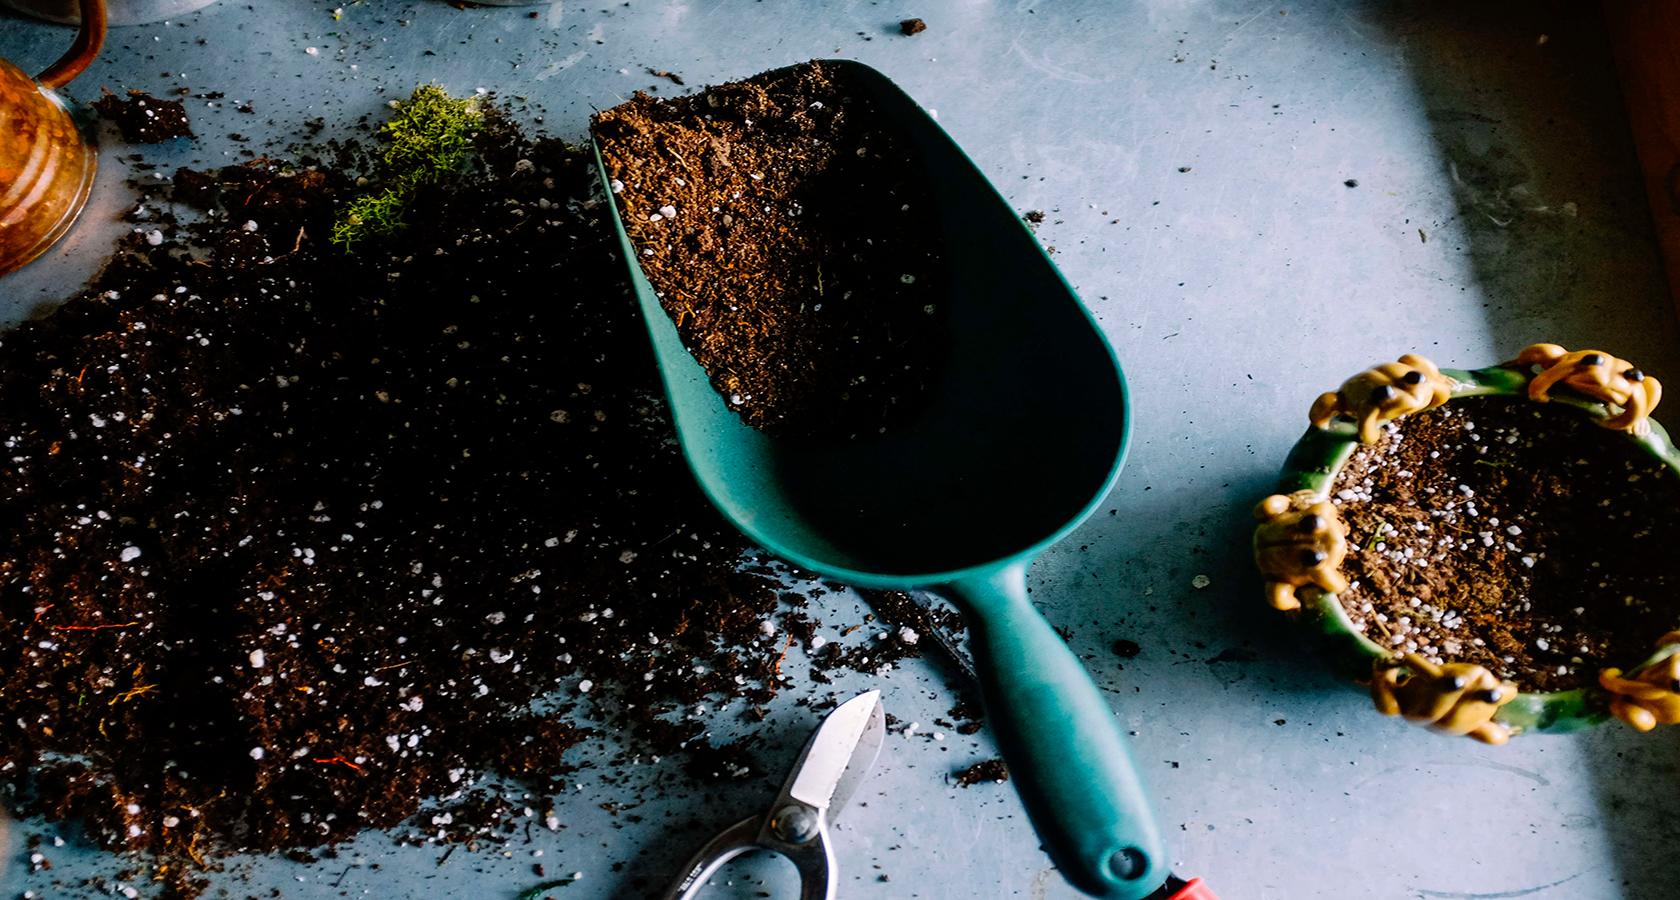 Лопатка с землей для суккулентов Laaroom